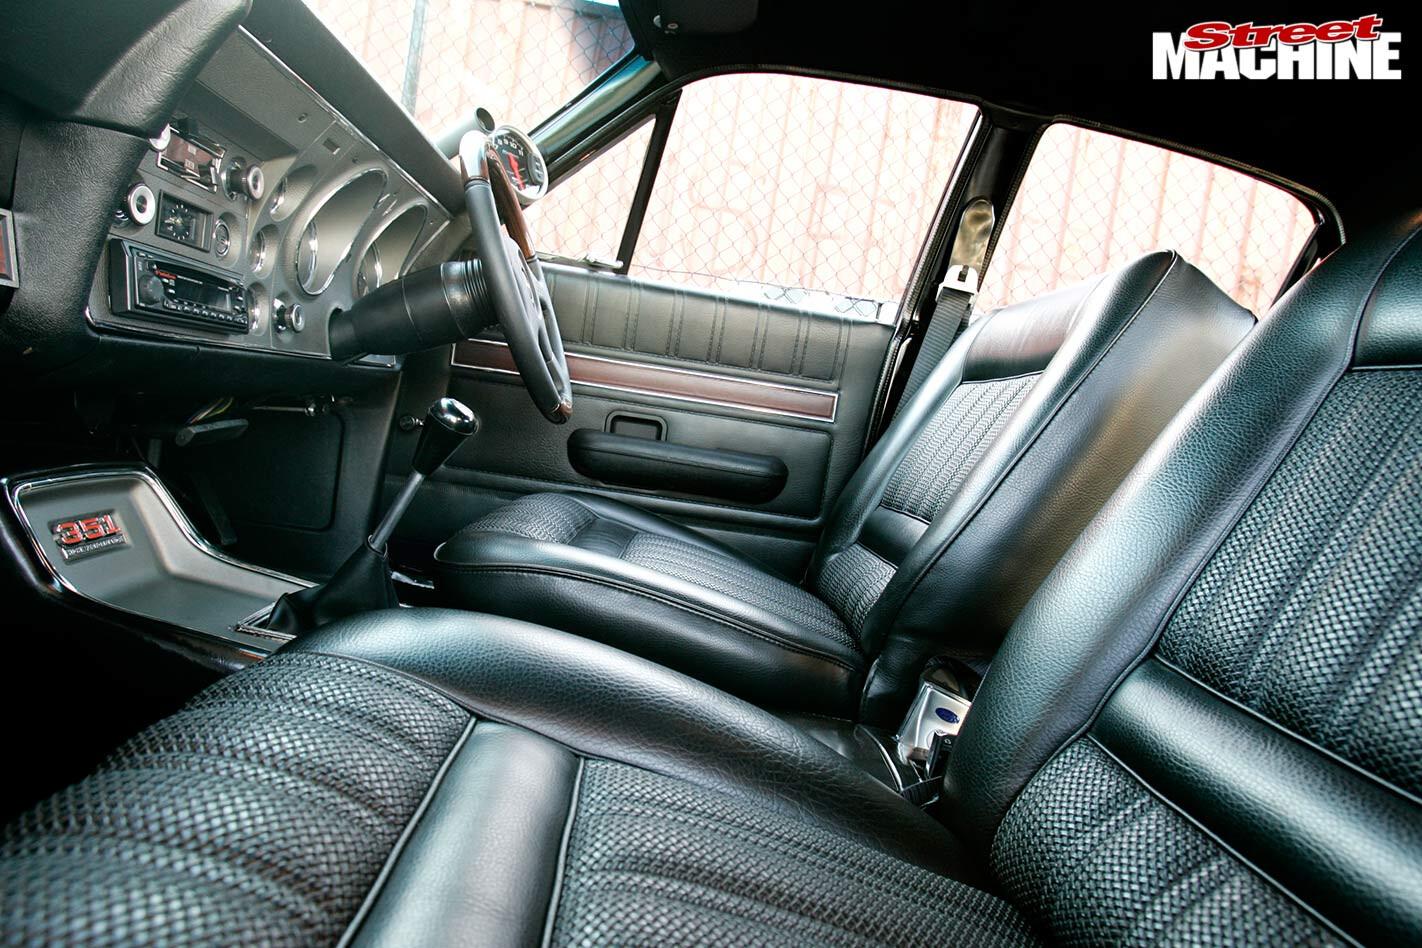 Ford Falcon XY GT interior